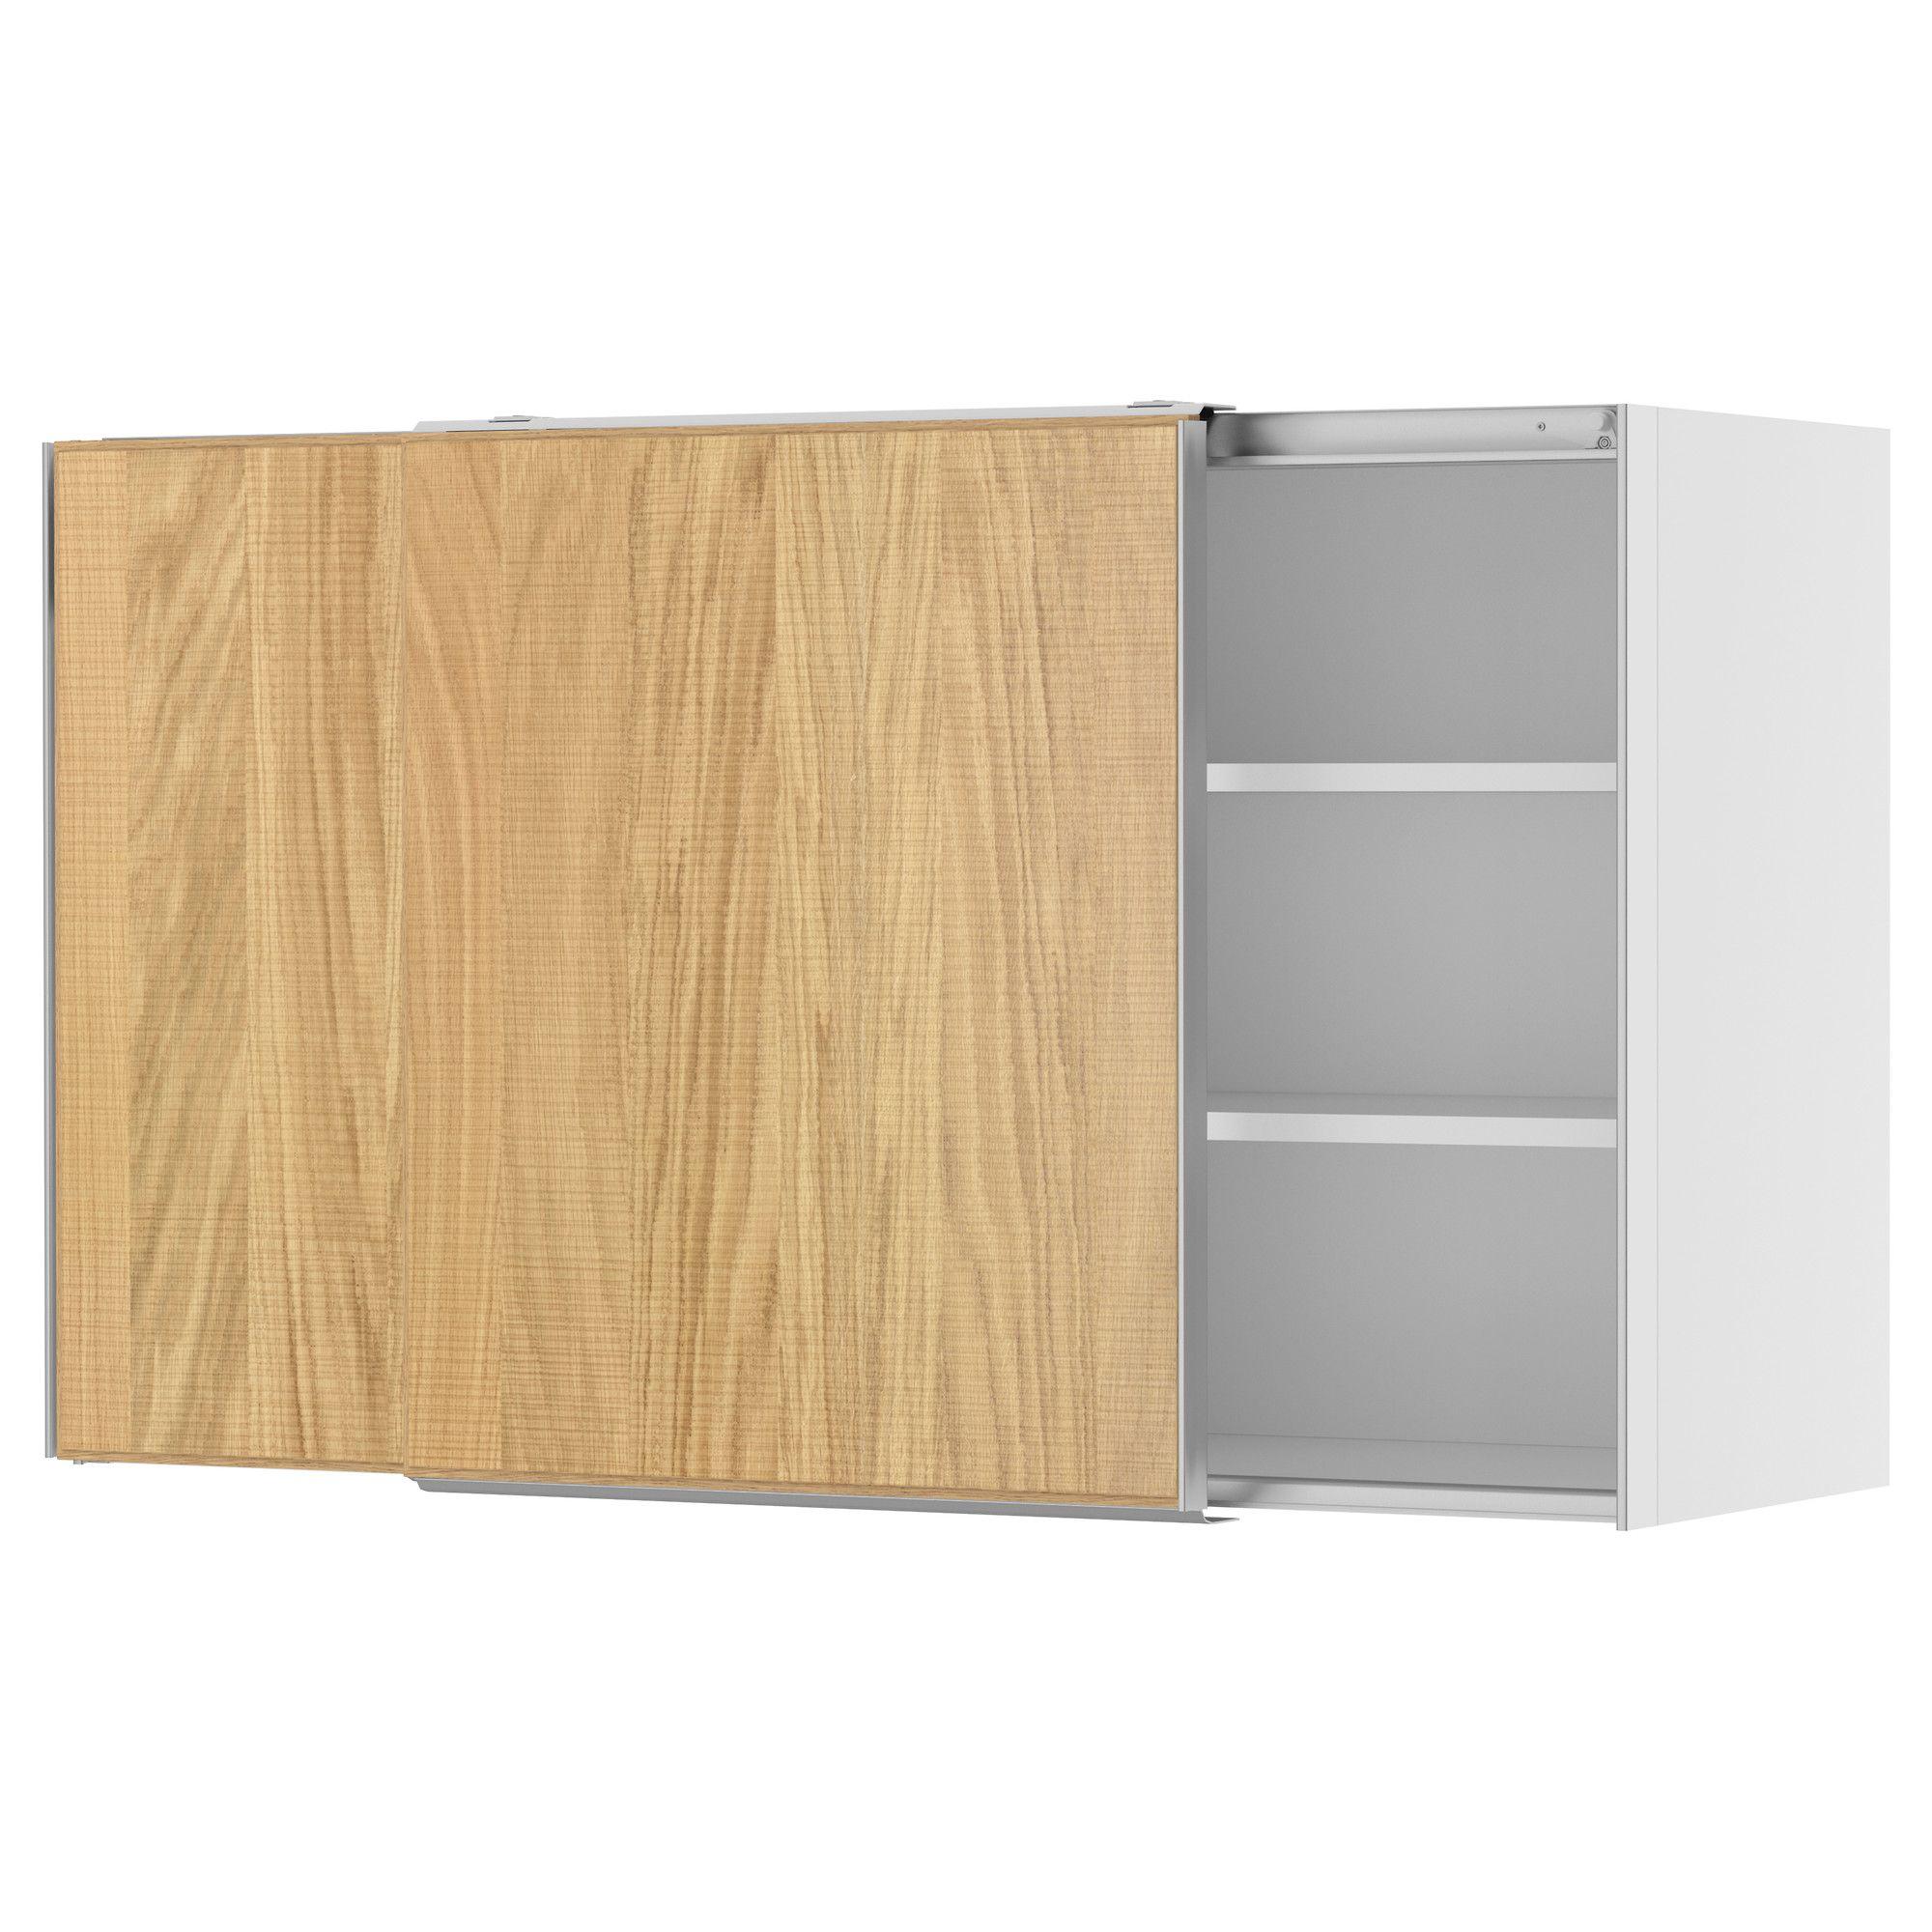 mounting sliding slides slide open side drawers cabinet installation hardware lowes mount blum drawer